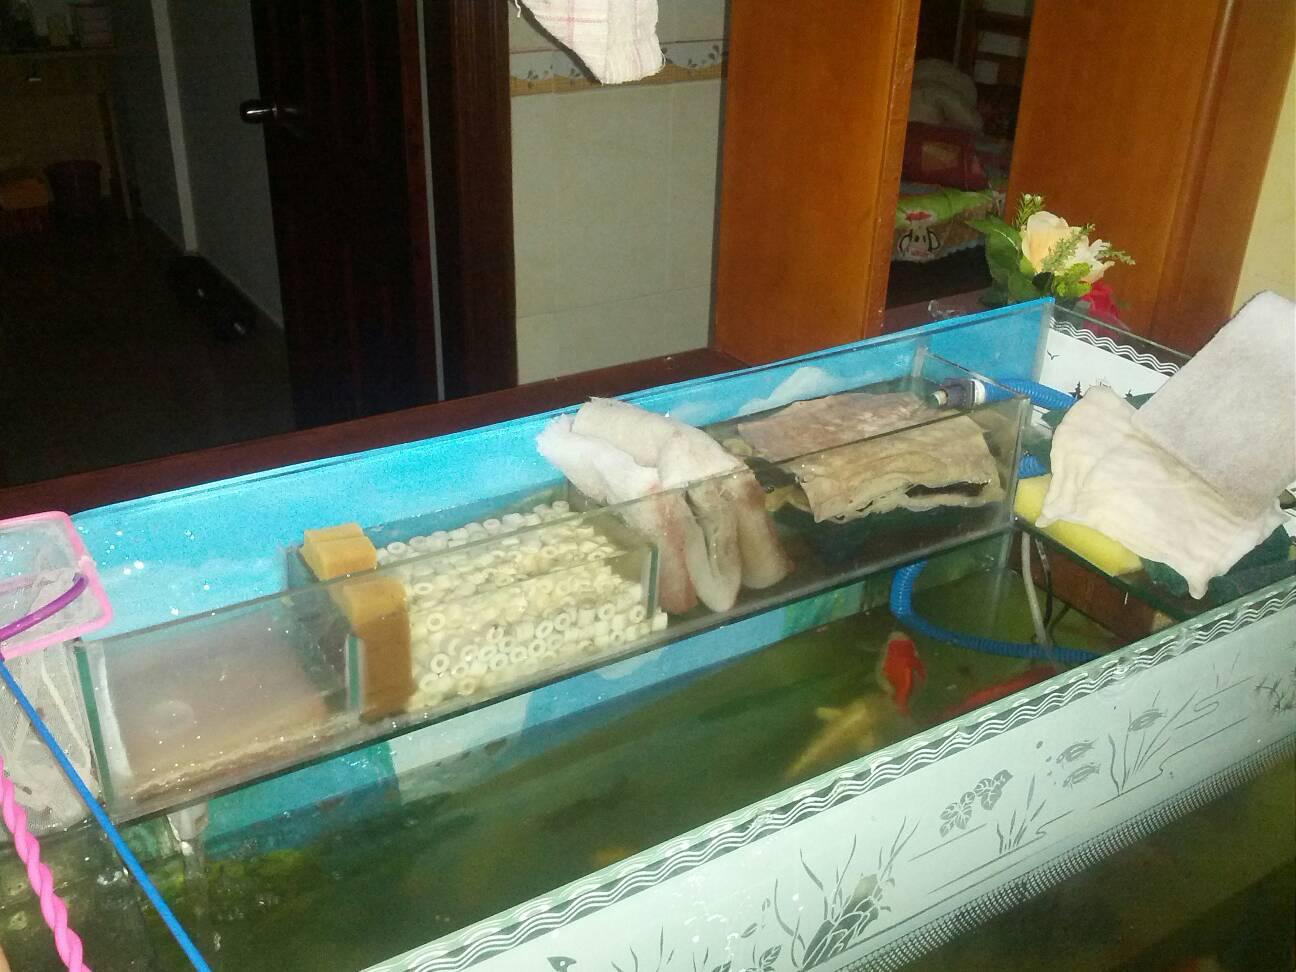 上滤鱼缸改造_鱼缸上滤改造最佳图片-自制鱼缸上滤过滤盒/1.2米上滤鱼缸改造 ...